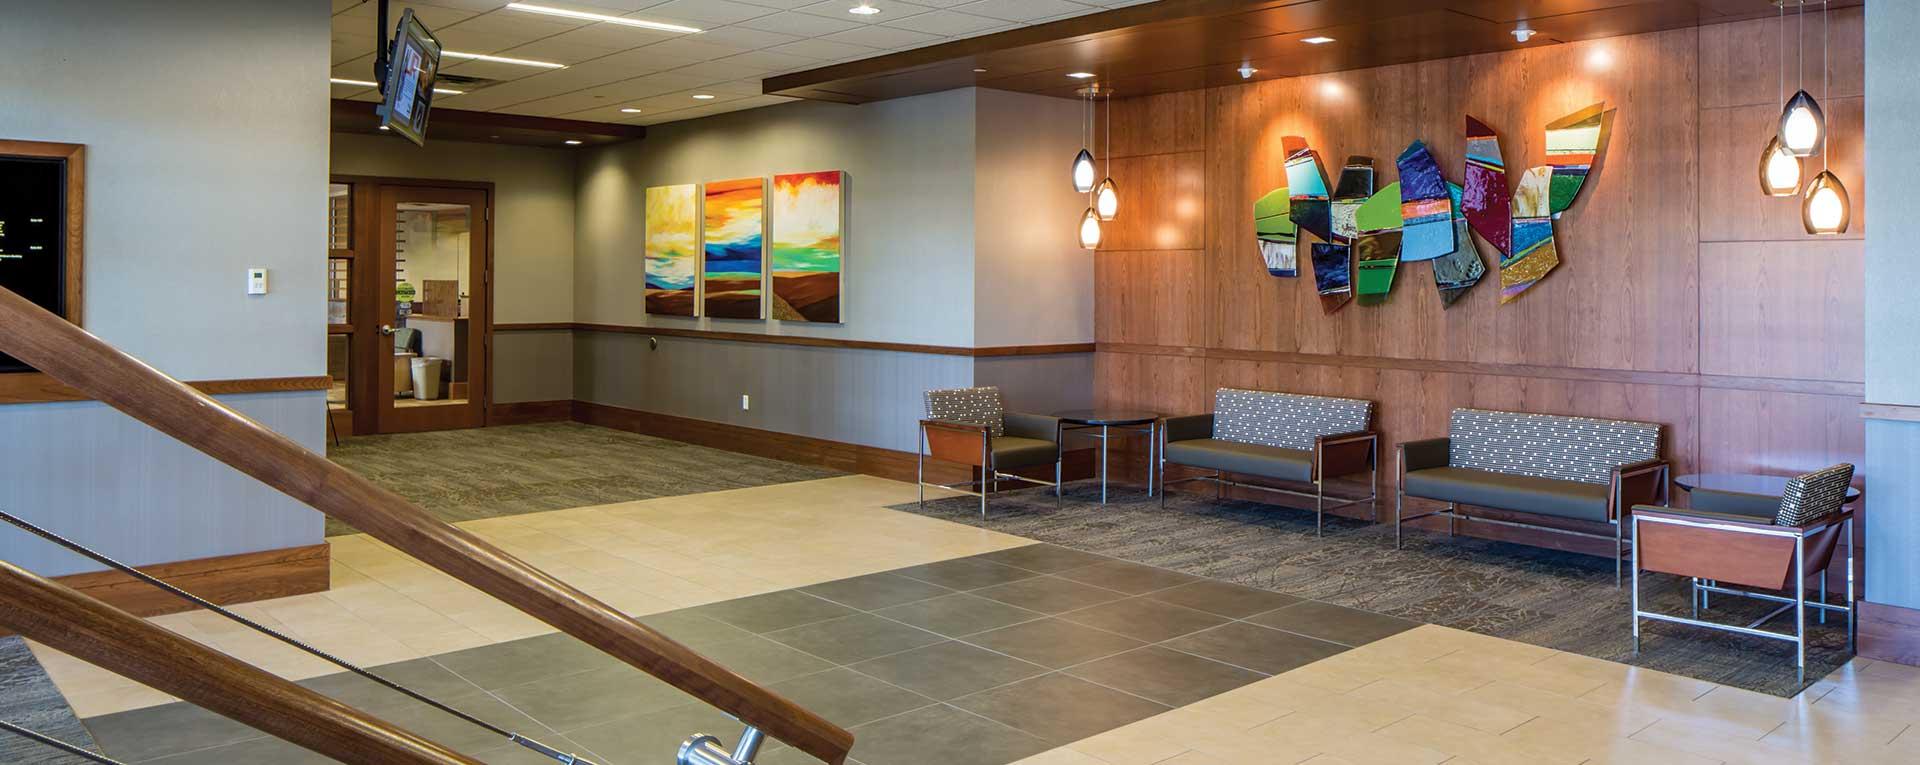 Helene Houle Medical Center Lobby